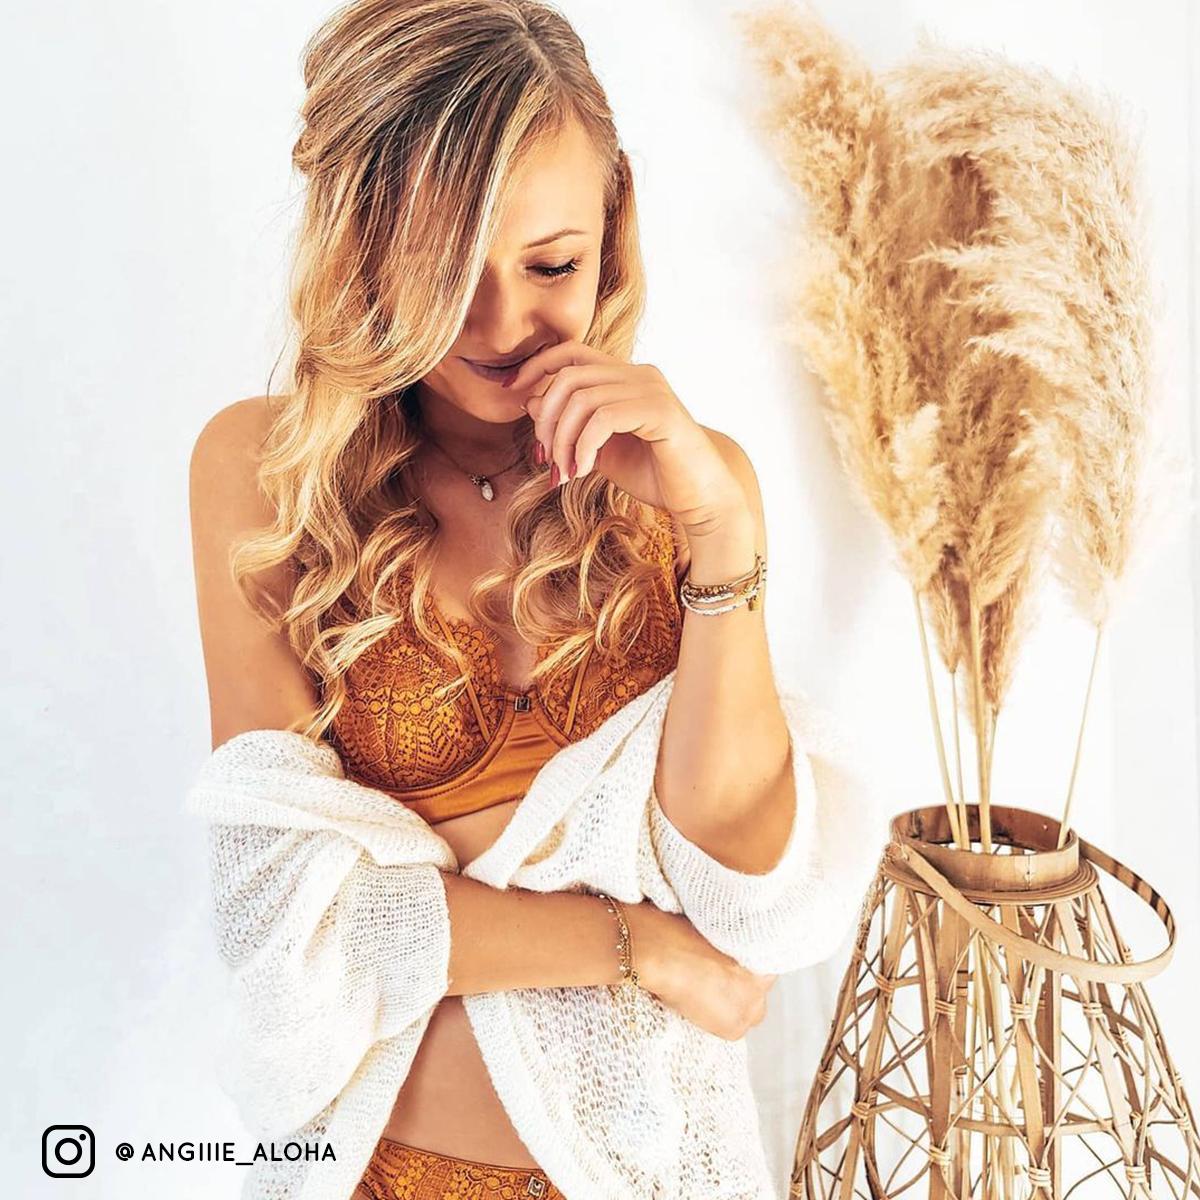 @angiiie_aloha